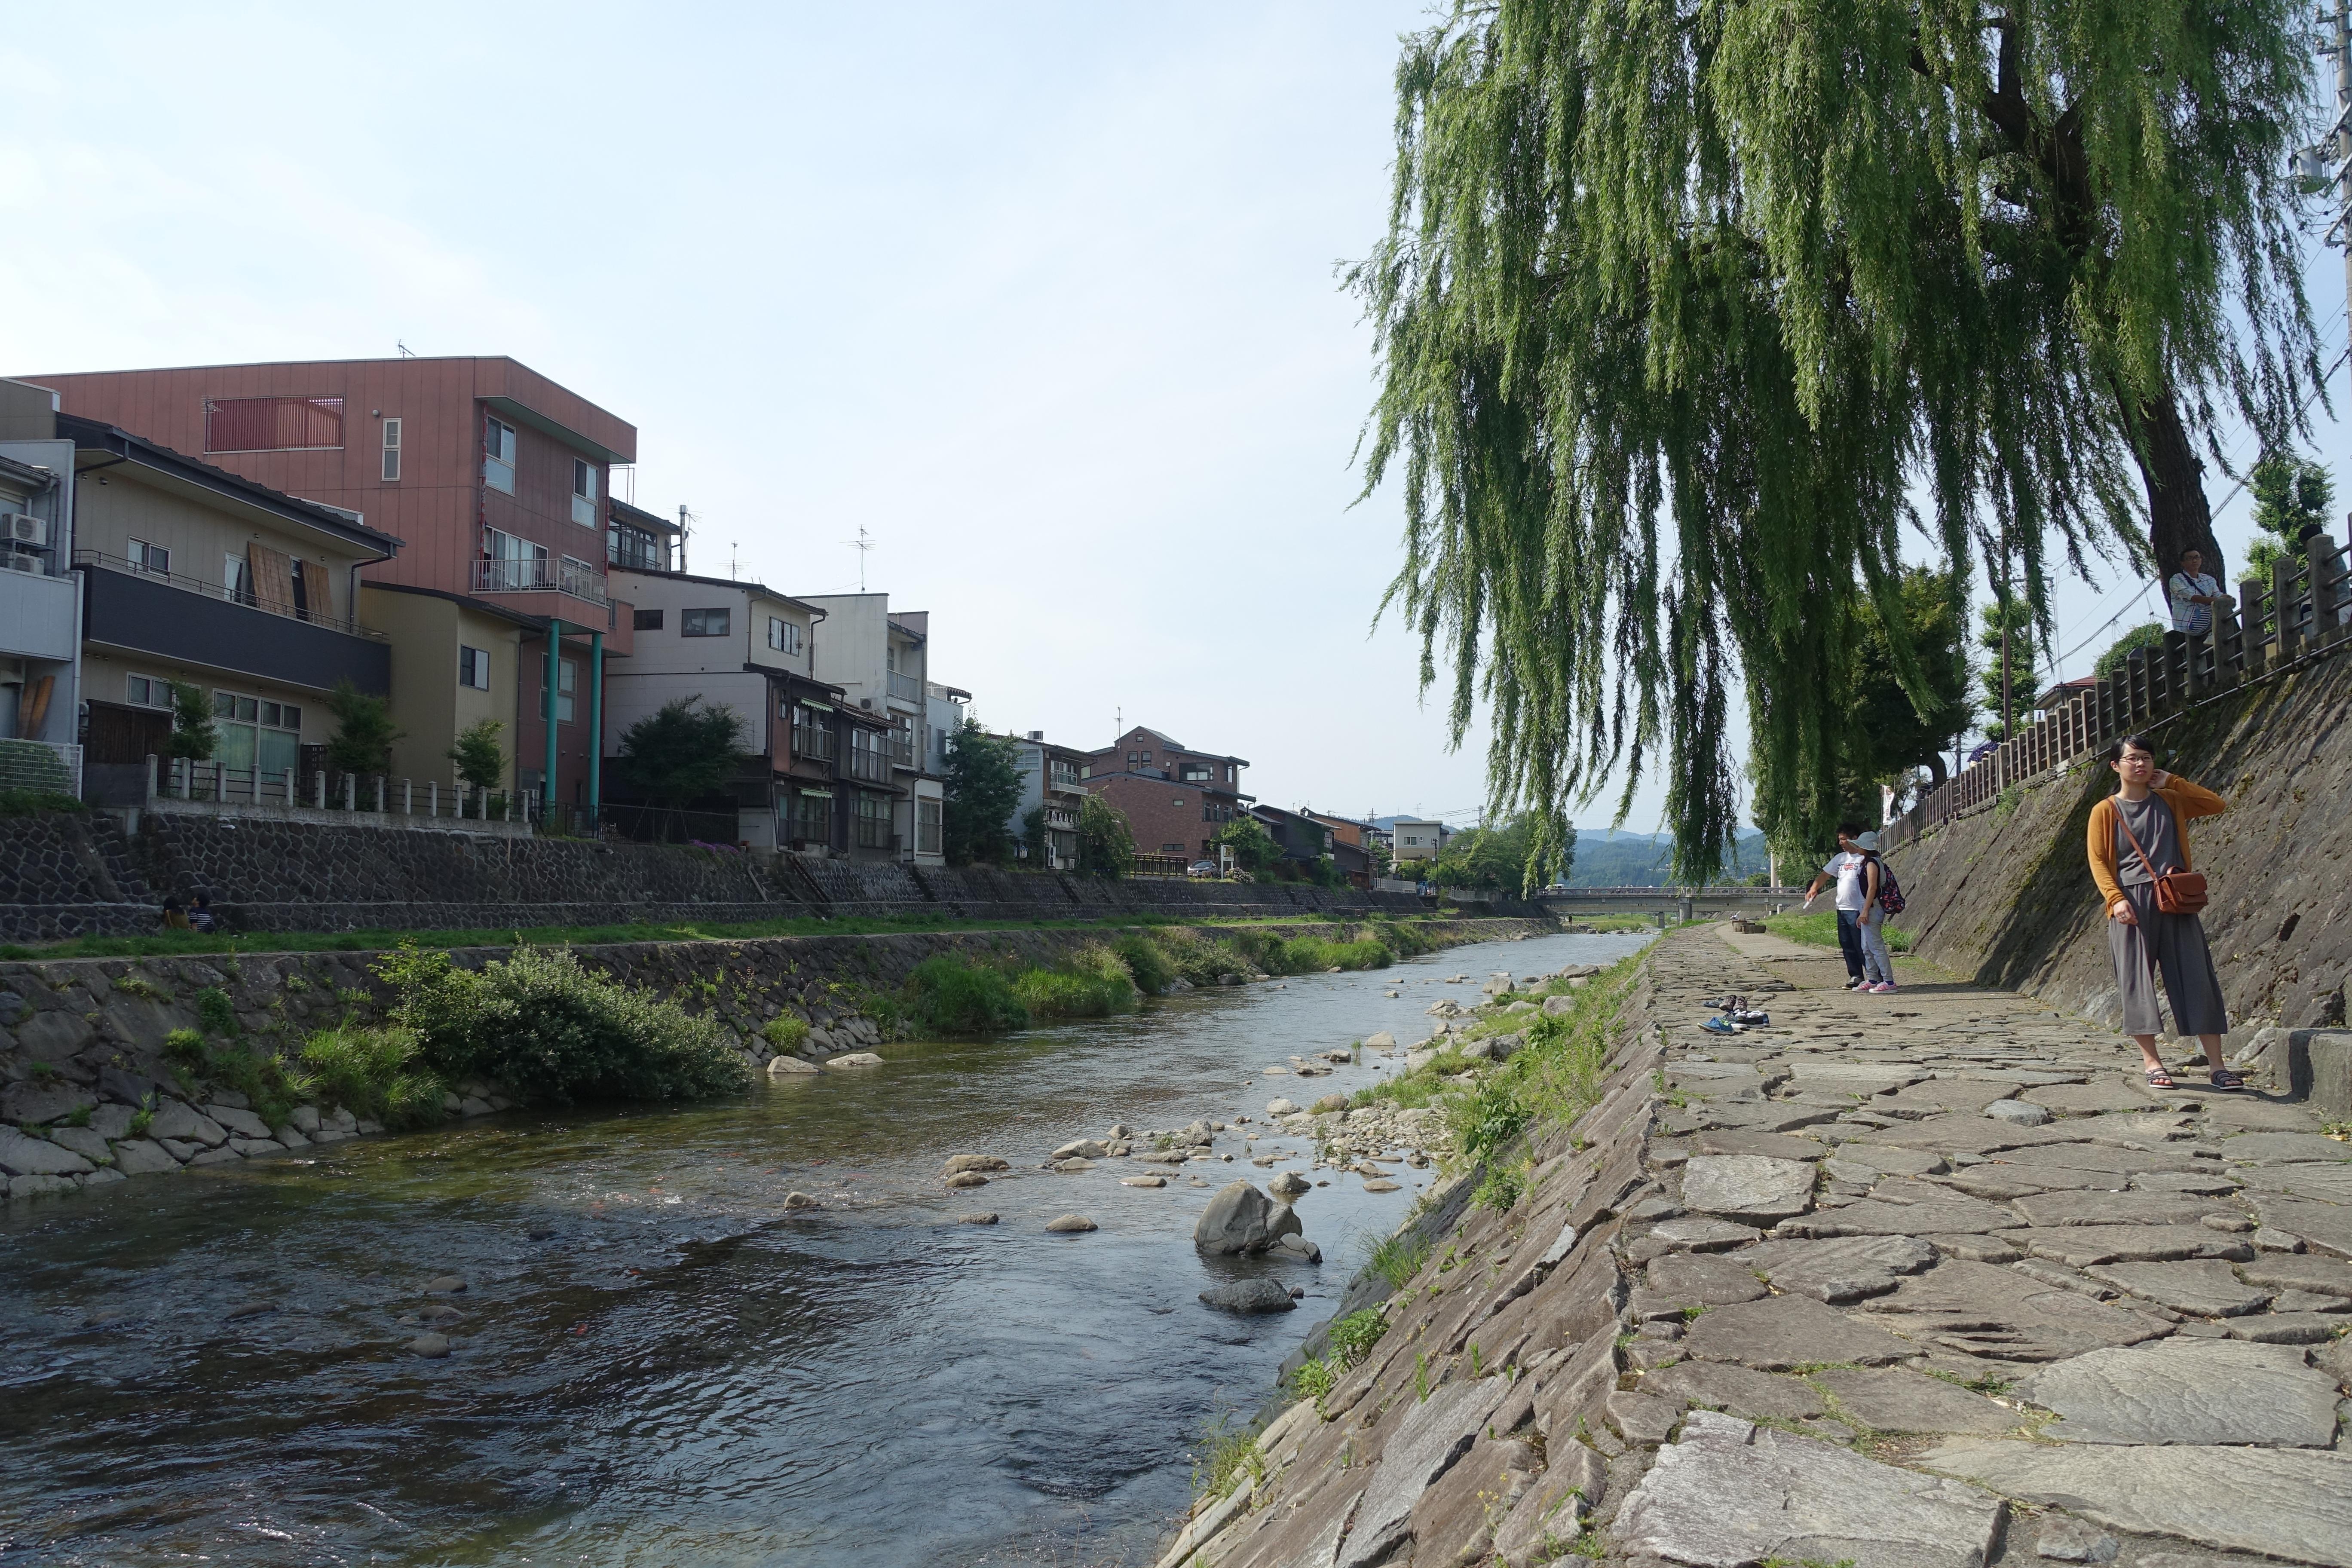 Miyagawa river with willow tree